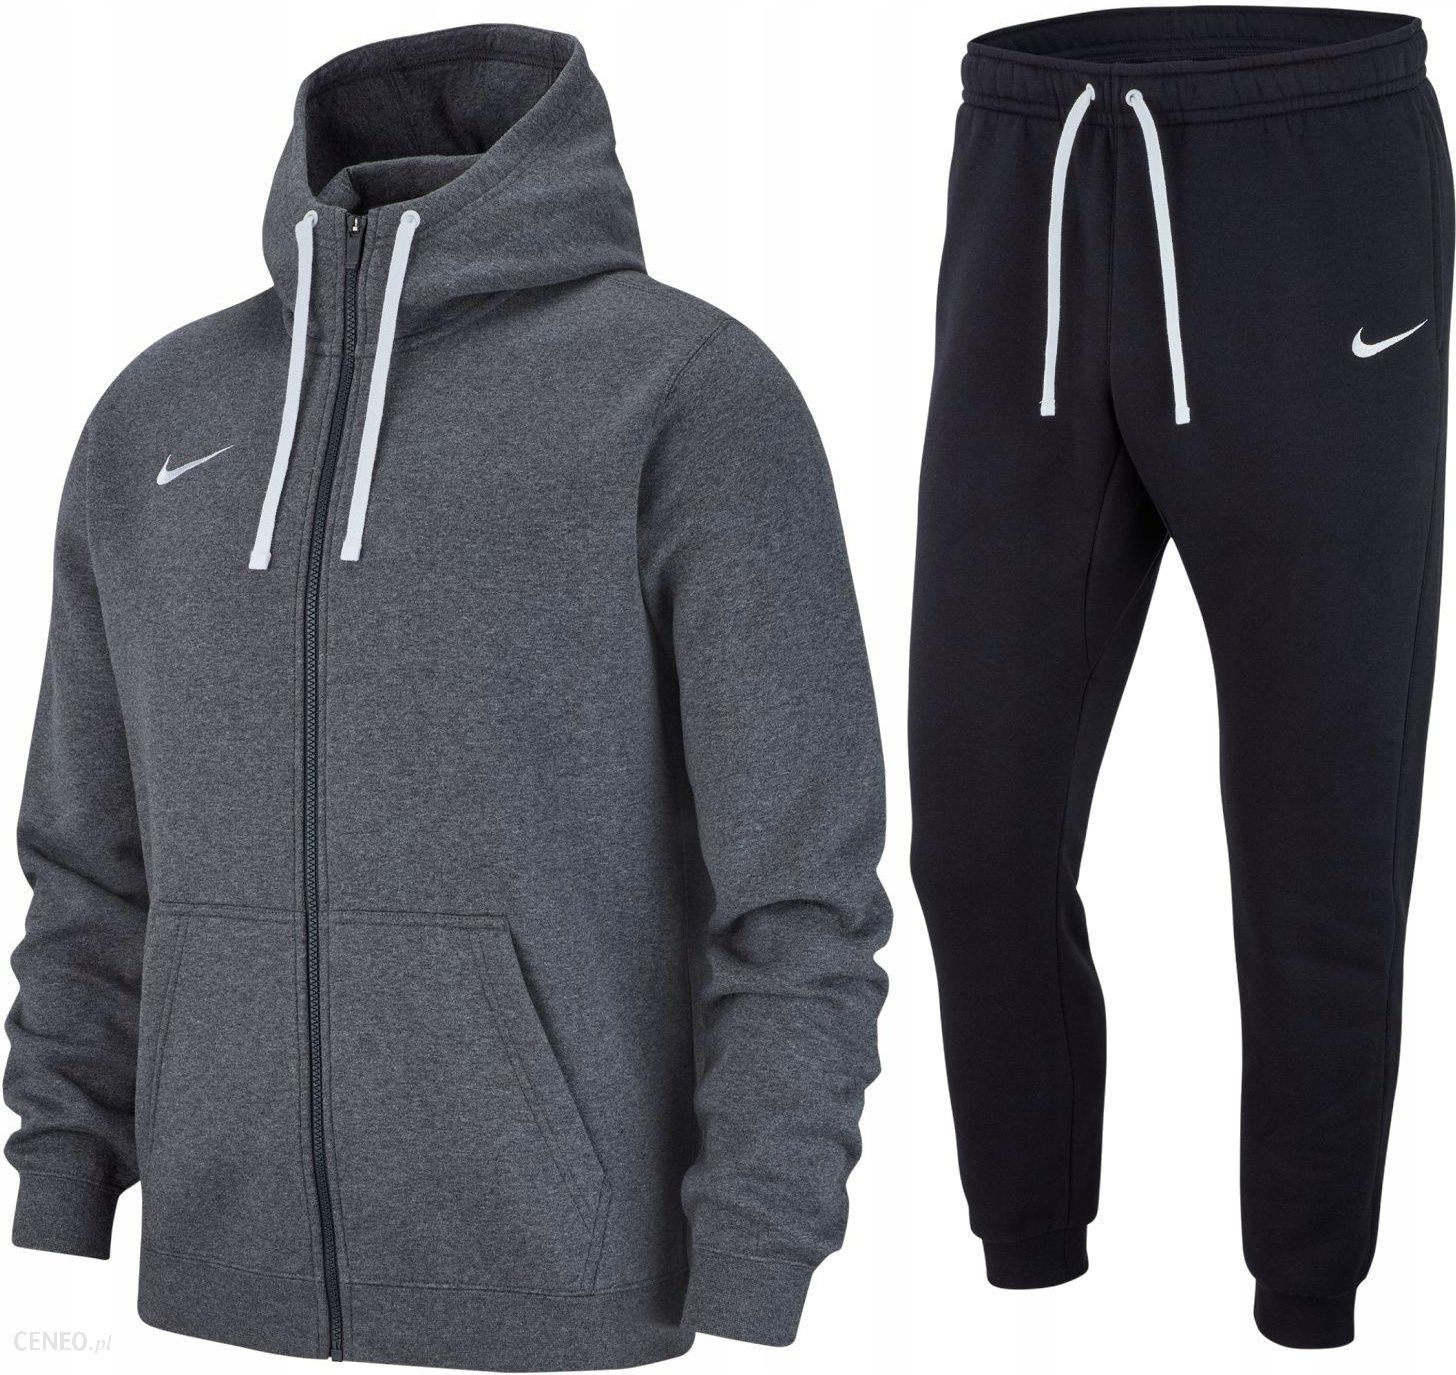 6181eb7cb Nike Komplet Dresowy Męski Bluza Spodnie Dres S - Ceny i opinie ...